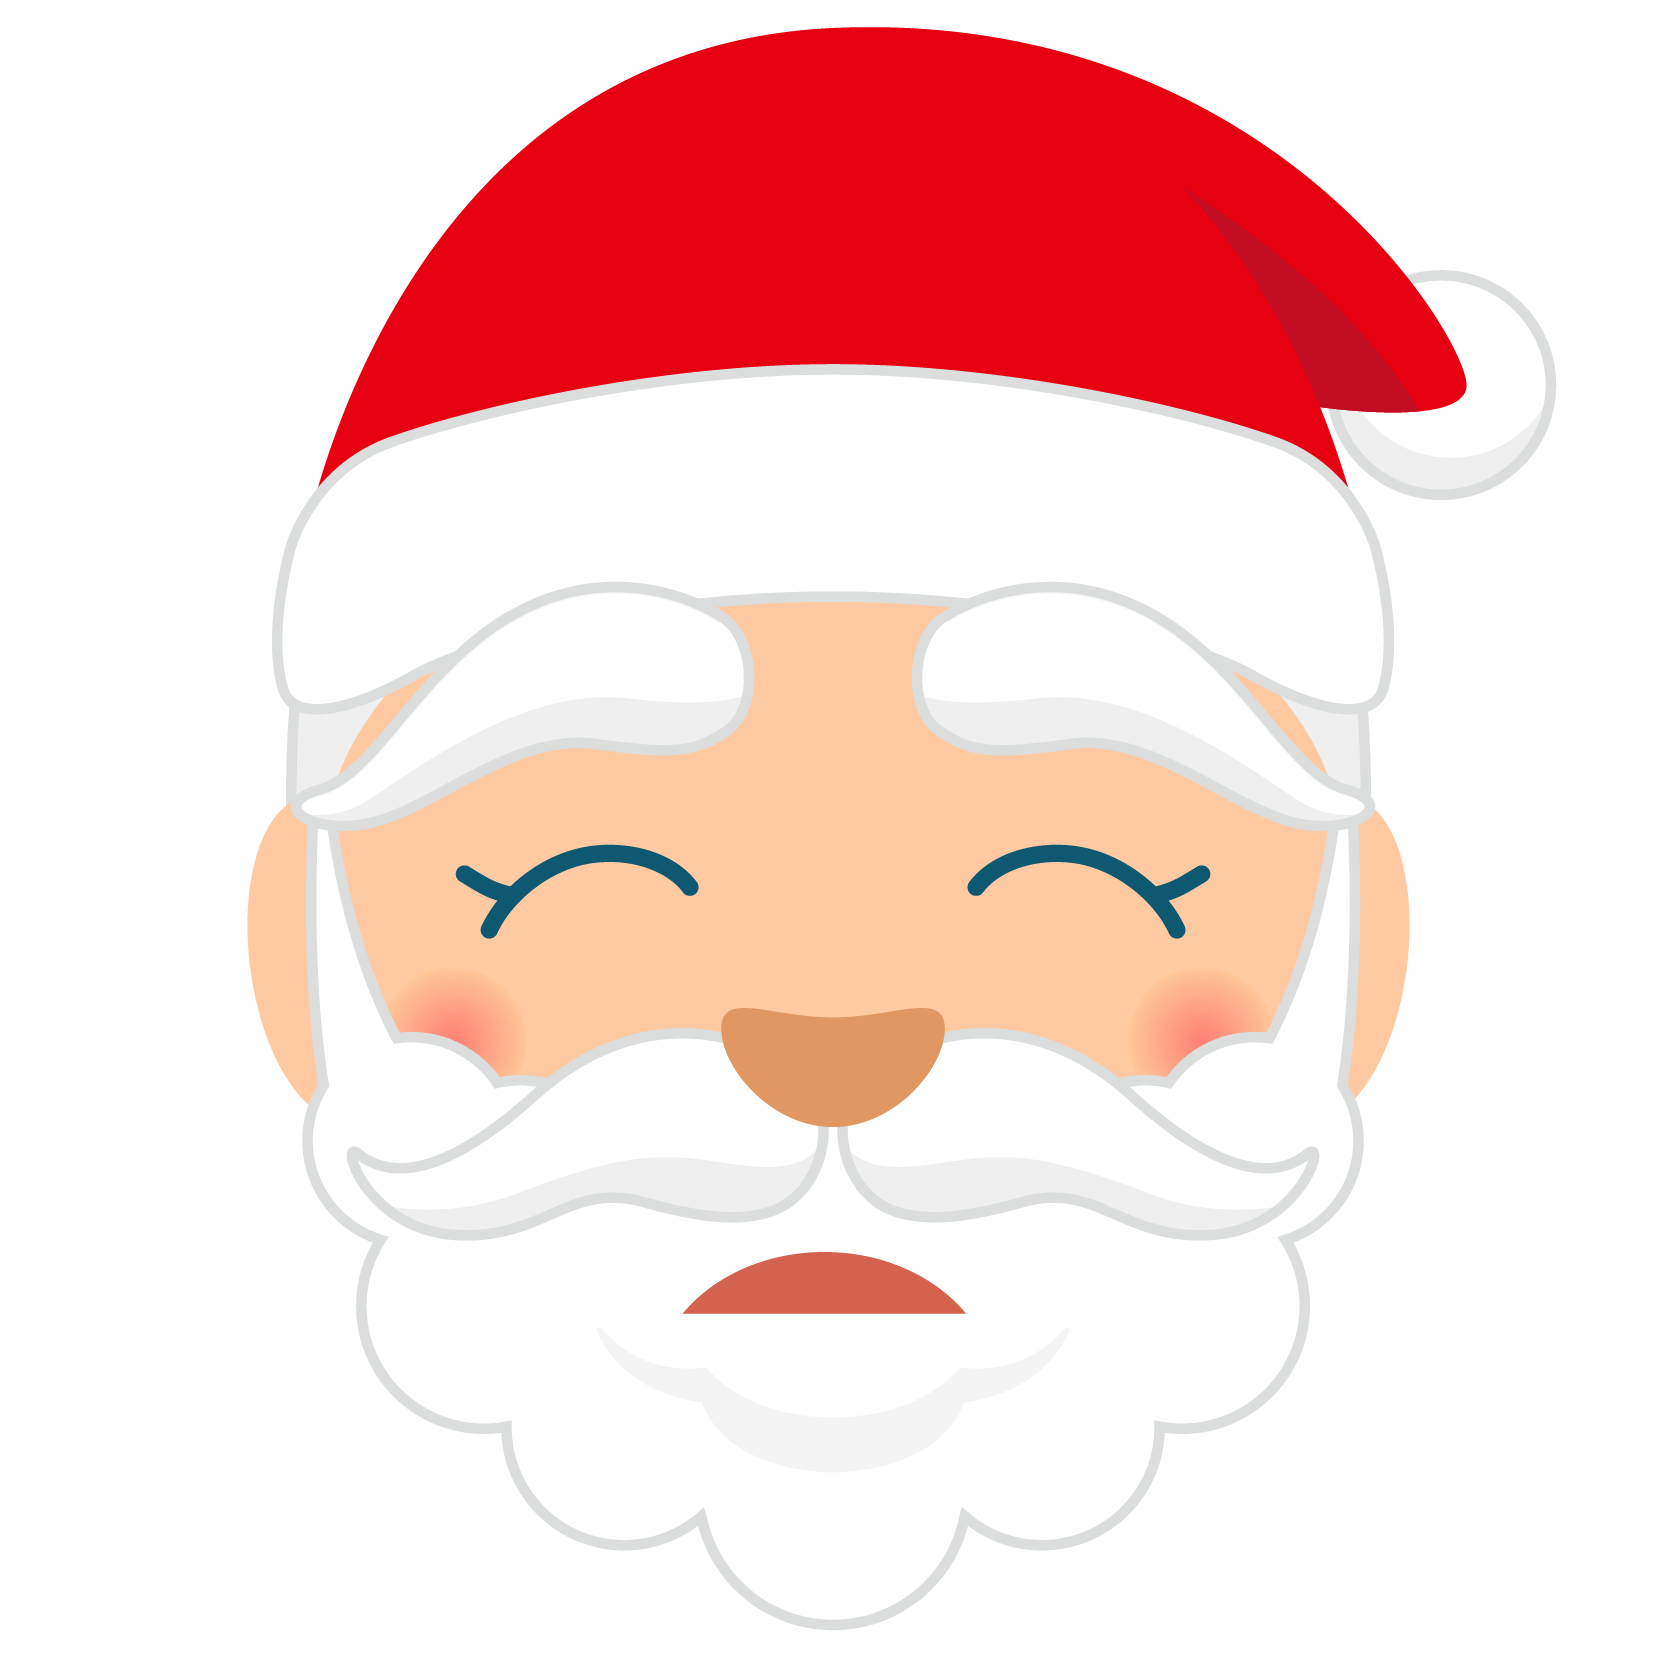 商用フリー・無料イラスト_クリスマス_サンタクロース_顔_とほほ